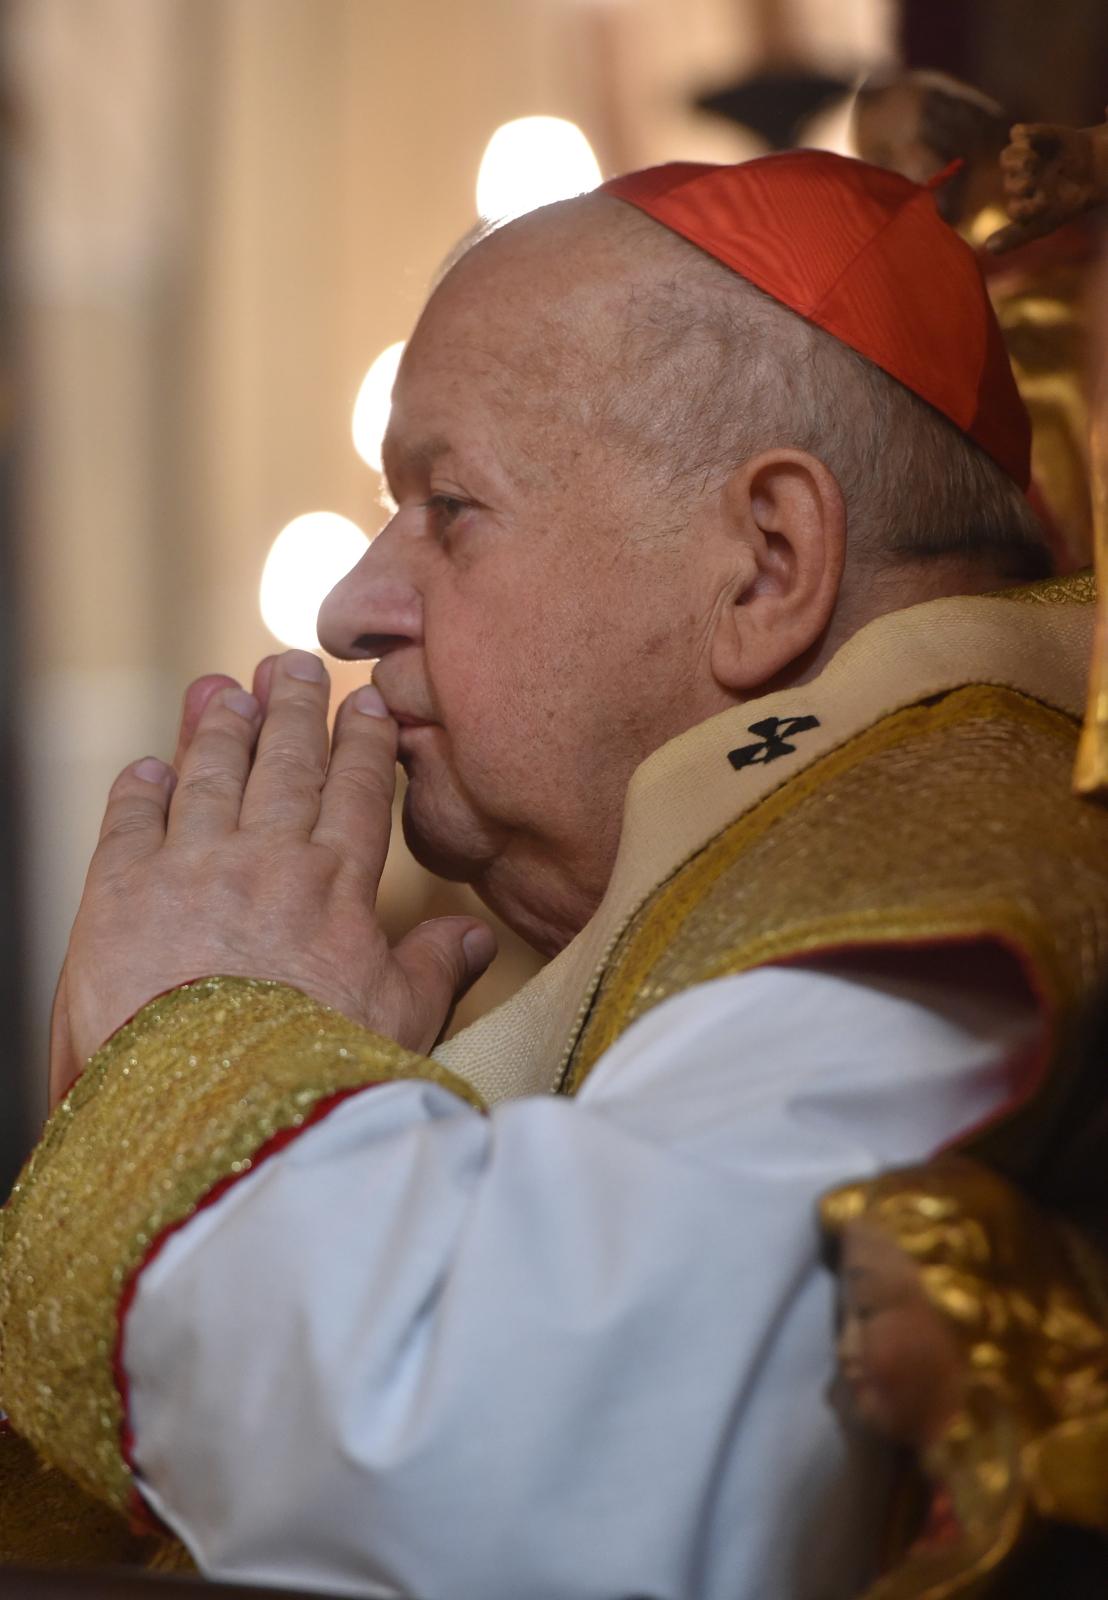 Metropolita krakowski kardynał Stanisław Dziwisz odprawia w katedrze wawelskiej uroczystą mszę w intencji wszystkich ofiar katastrofy smoleńskiej